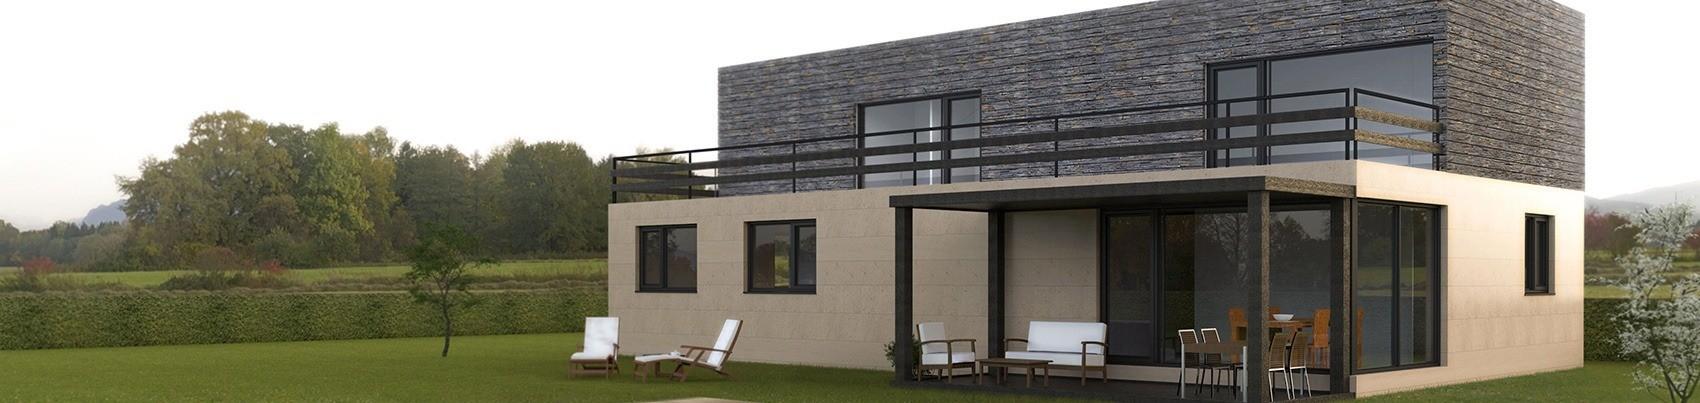 Casas prefabricadas y modulares cube - Casas modulares madrid ...